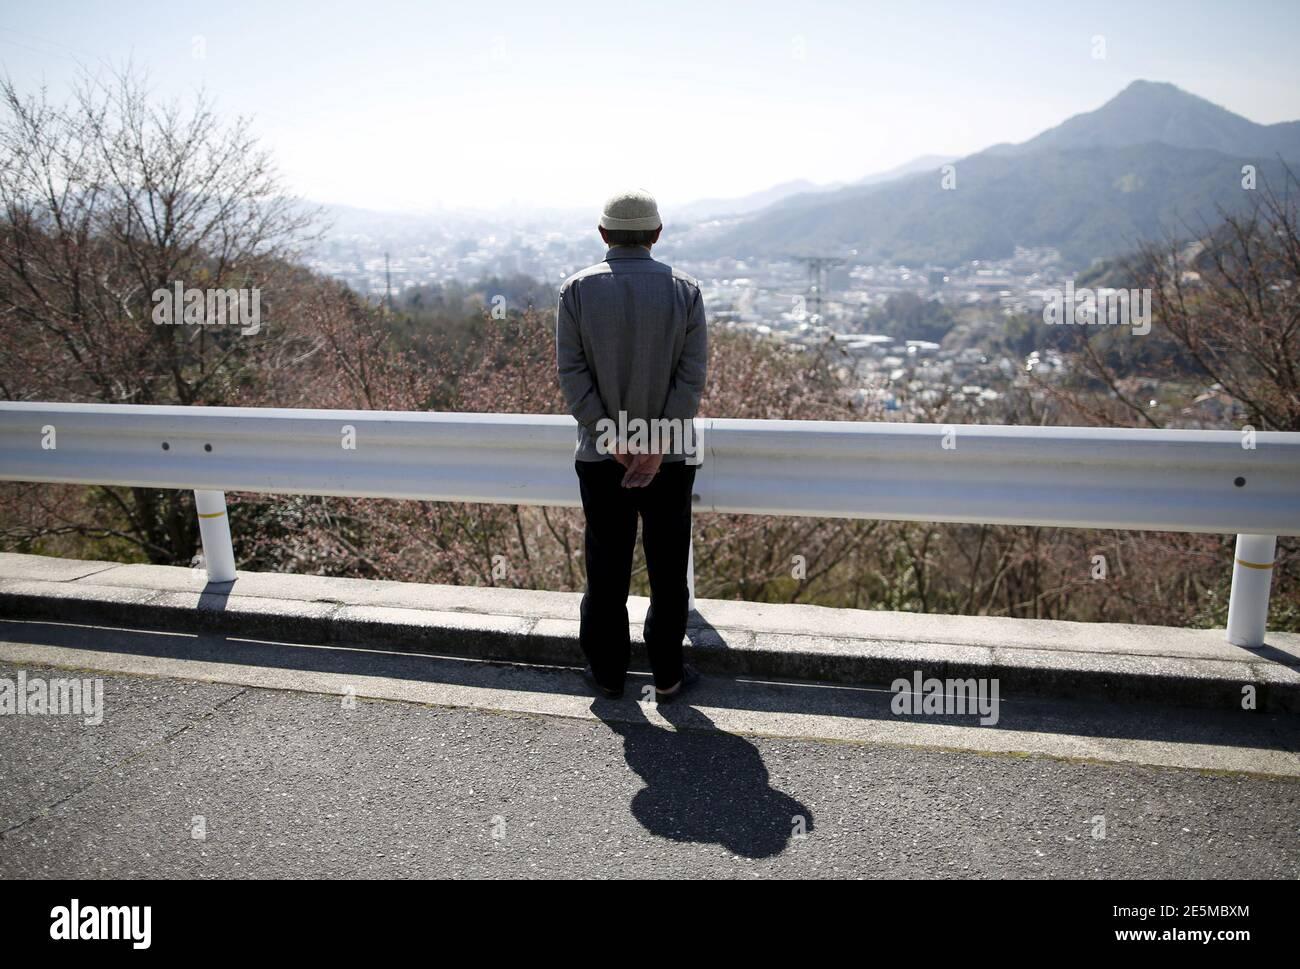 Fumiaki Kajiya, ein 76-jähriger Atombombenüberlebender und pensionierter Schullehrer, blickt von der Straße vor seinem Haus in Hiroshima, Westjapan, 27. März 2015 in Richtung Stadtzentrum. Als der 70. Jahrestag des ersten Atomangriffs der Welt ansteht, empfinden es viele Überlebende noch immer als zu schmerzhaft, darüber zu sprechen. Doch mit schwindenden Reihen sind andere entschlossen, ihre Erfahrungen an jüngere Generationen weiterzugeben. Ein US-Bomber warf die Atombombe am 6. August 1945 auf Hiroshima ab und tötete Ende des Jahres etwa 140,000 von den 350,000, die in der Stadt lebten. Die Stadt hat immer noch som Stockfoto